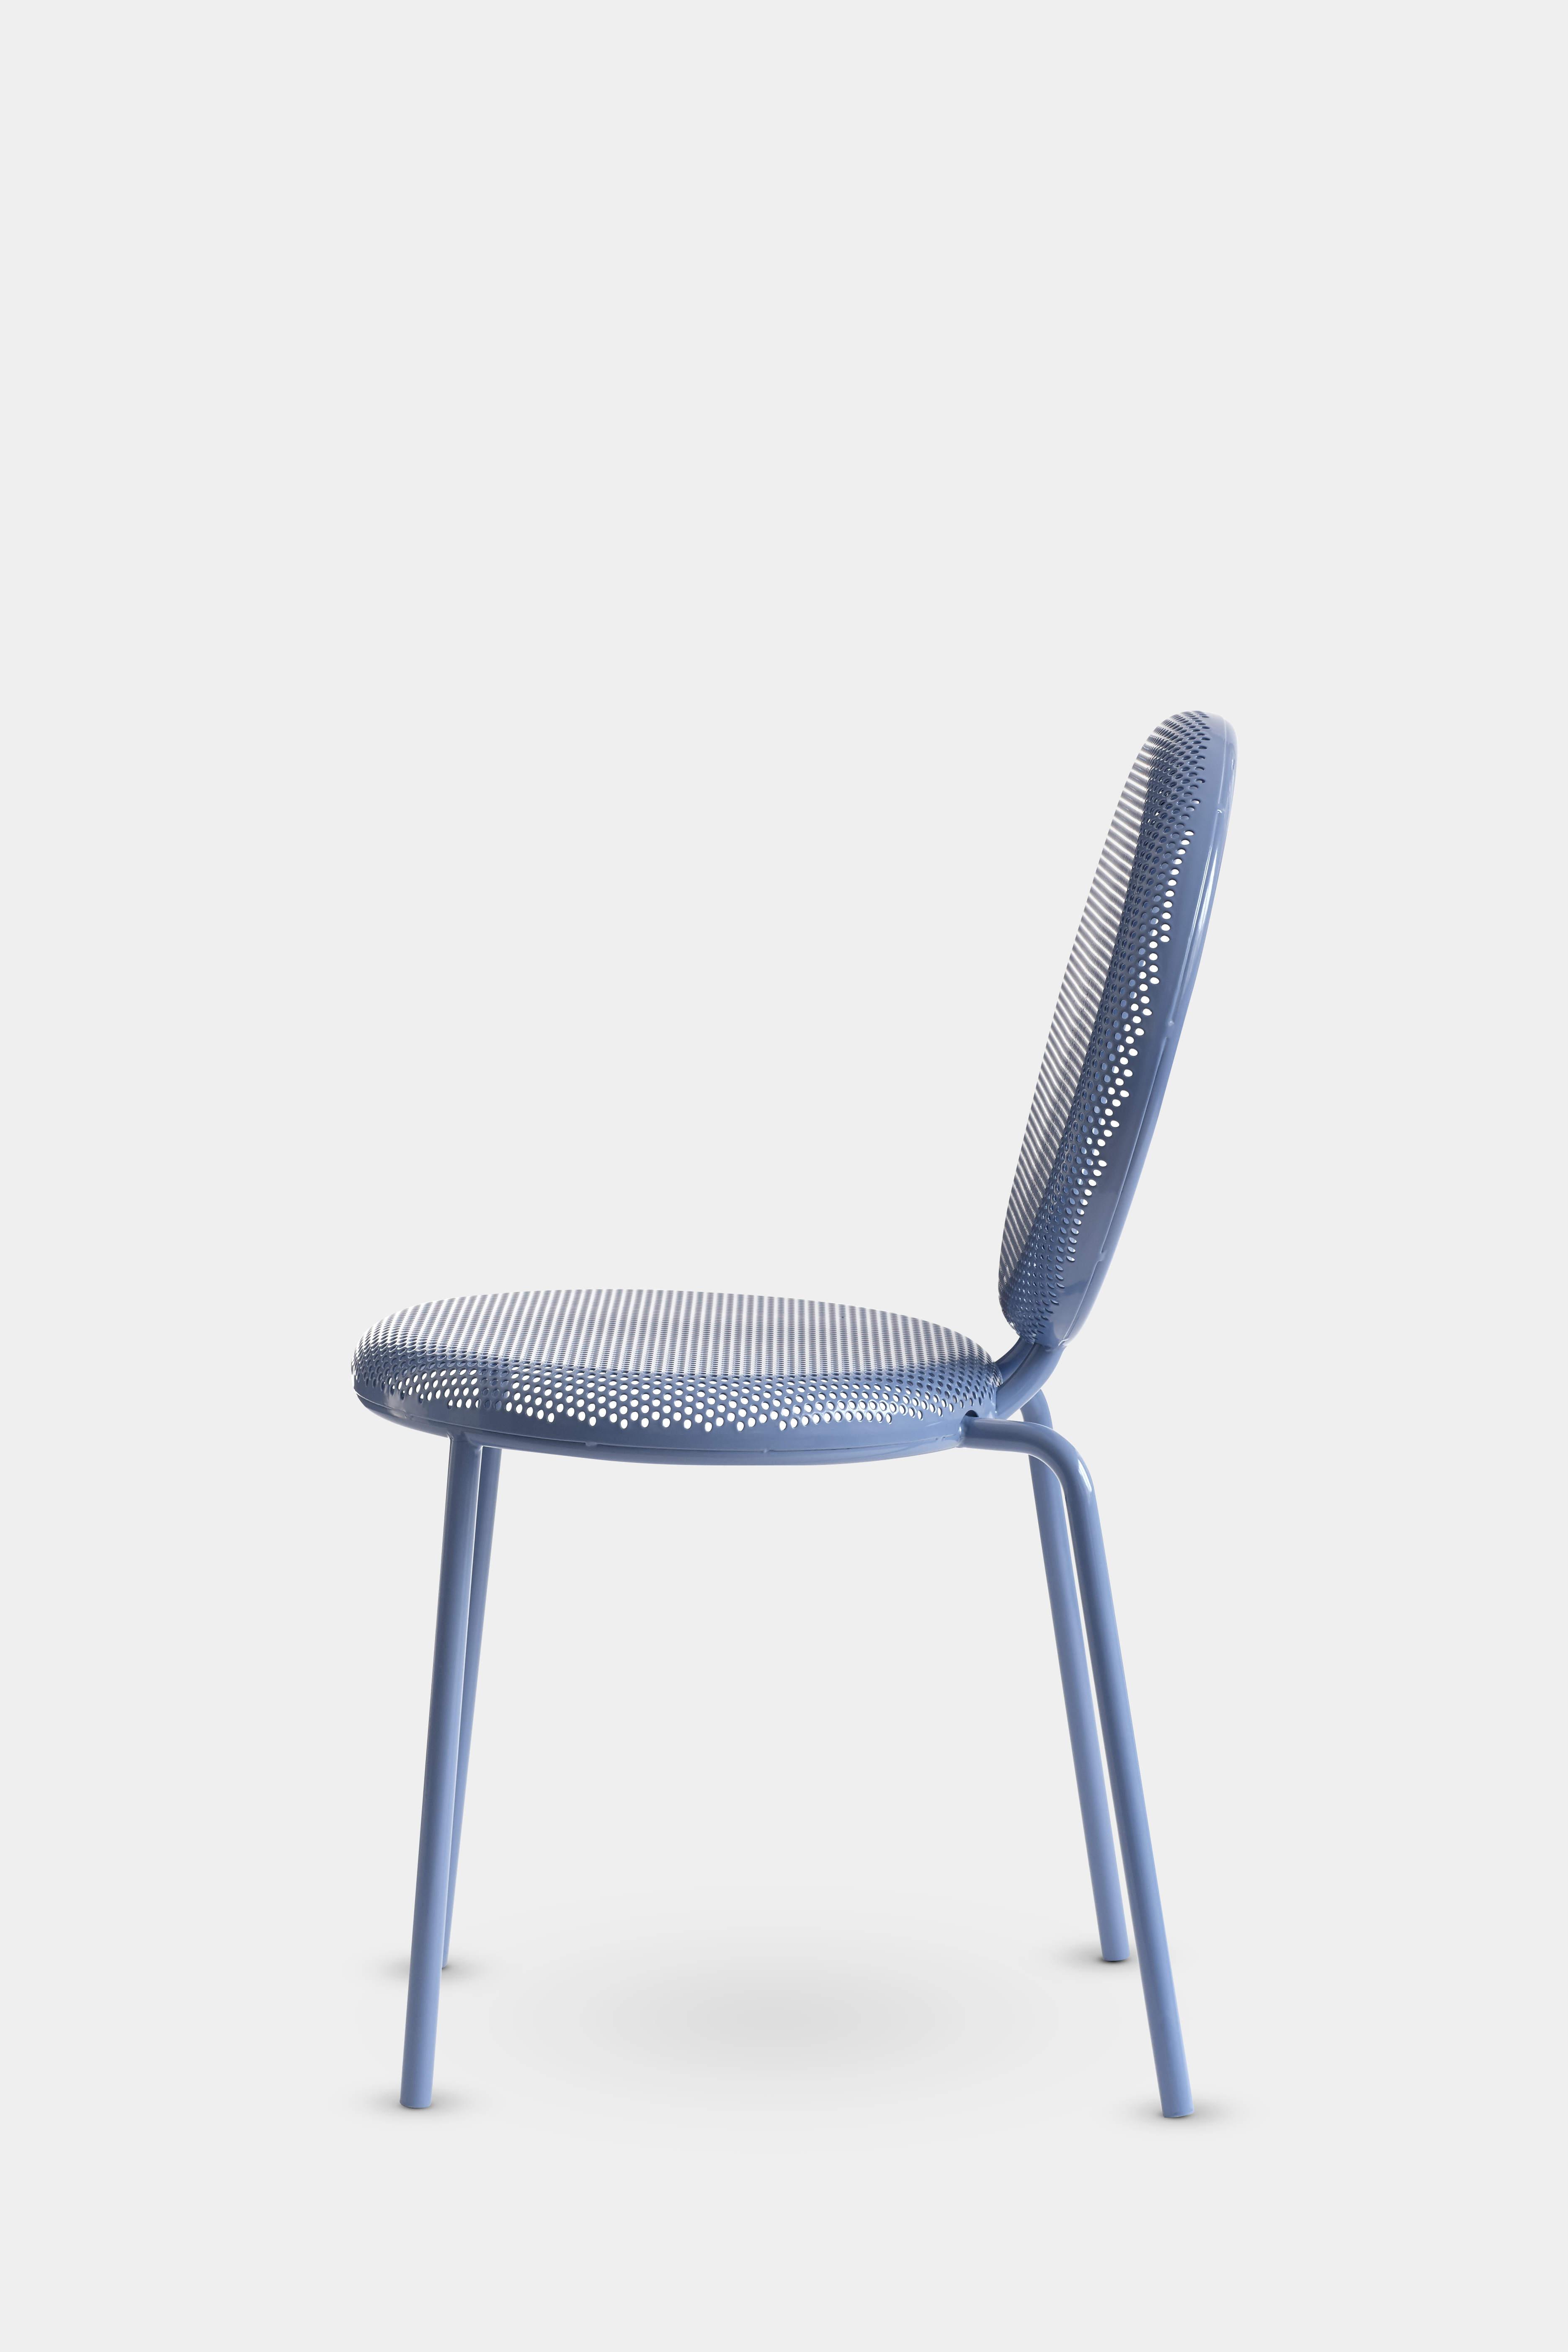 dimma chair 0210